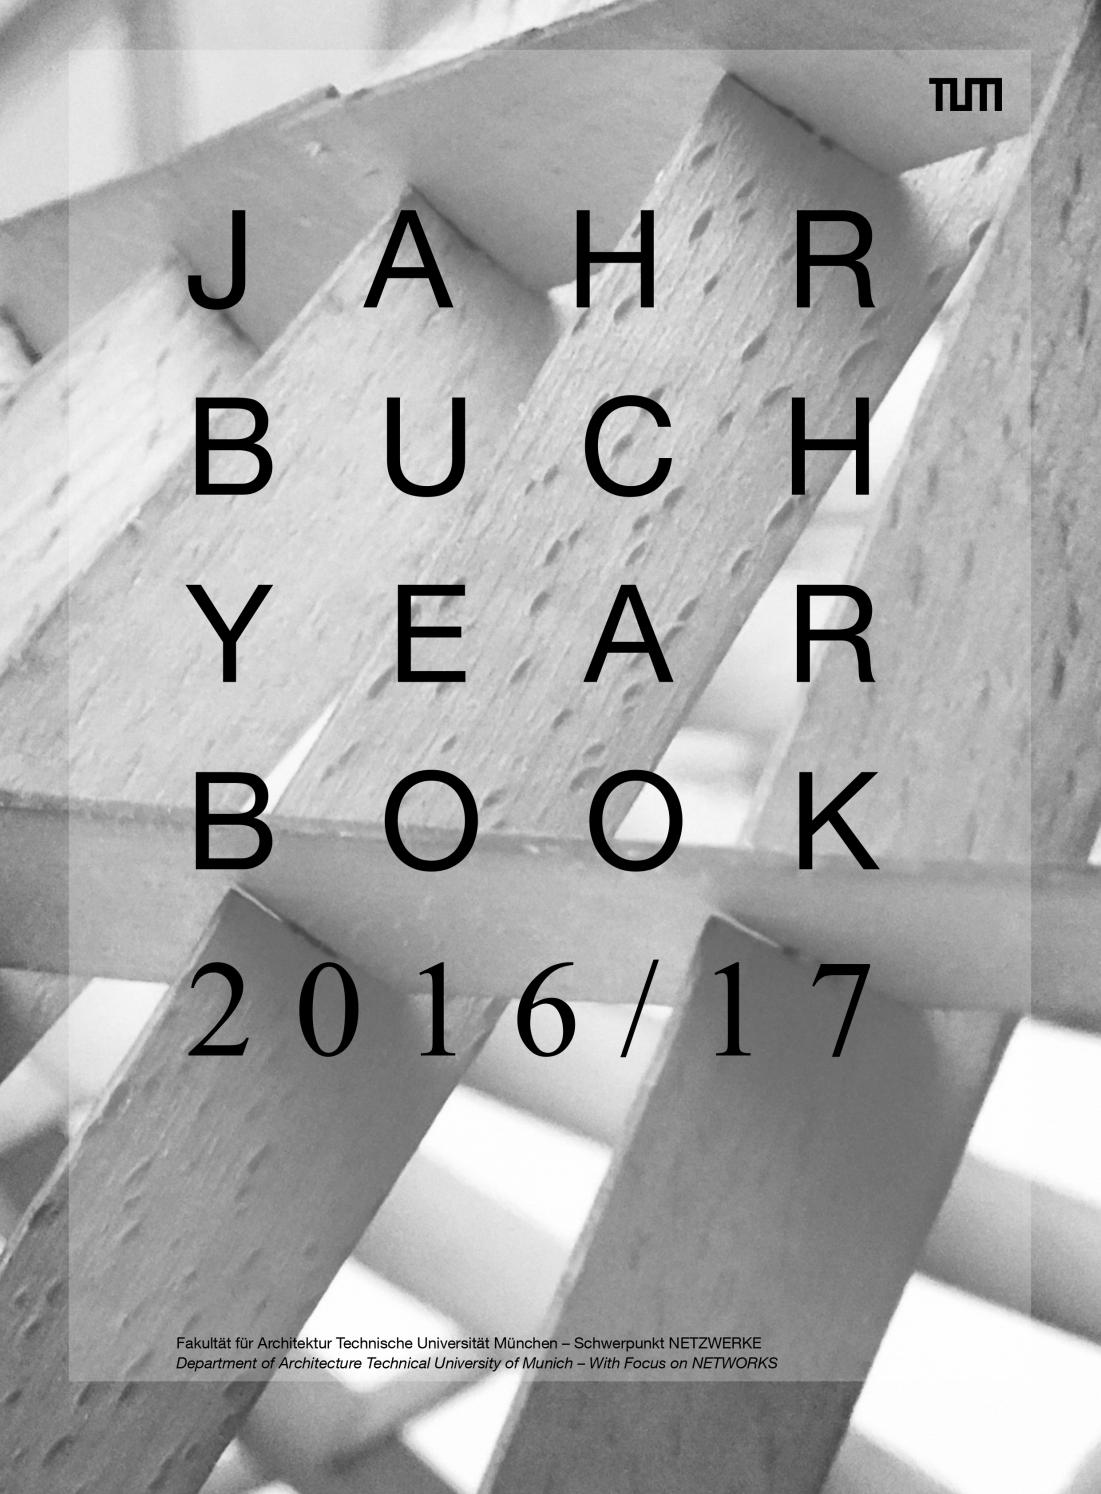 Jahrbuch 2016/17 by Fakultät für Architektur TU München - issuu